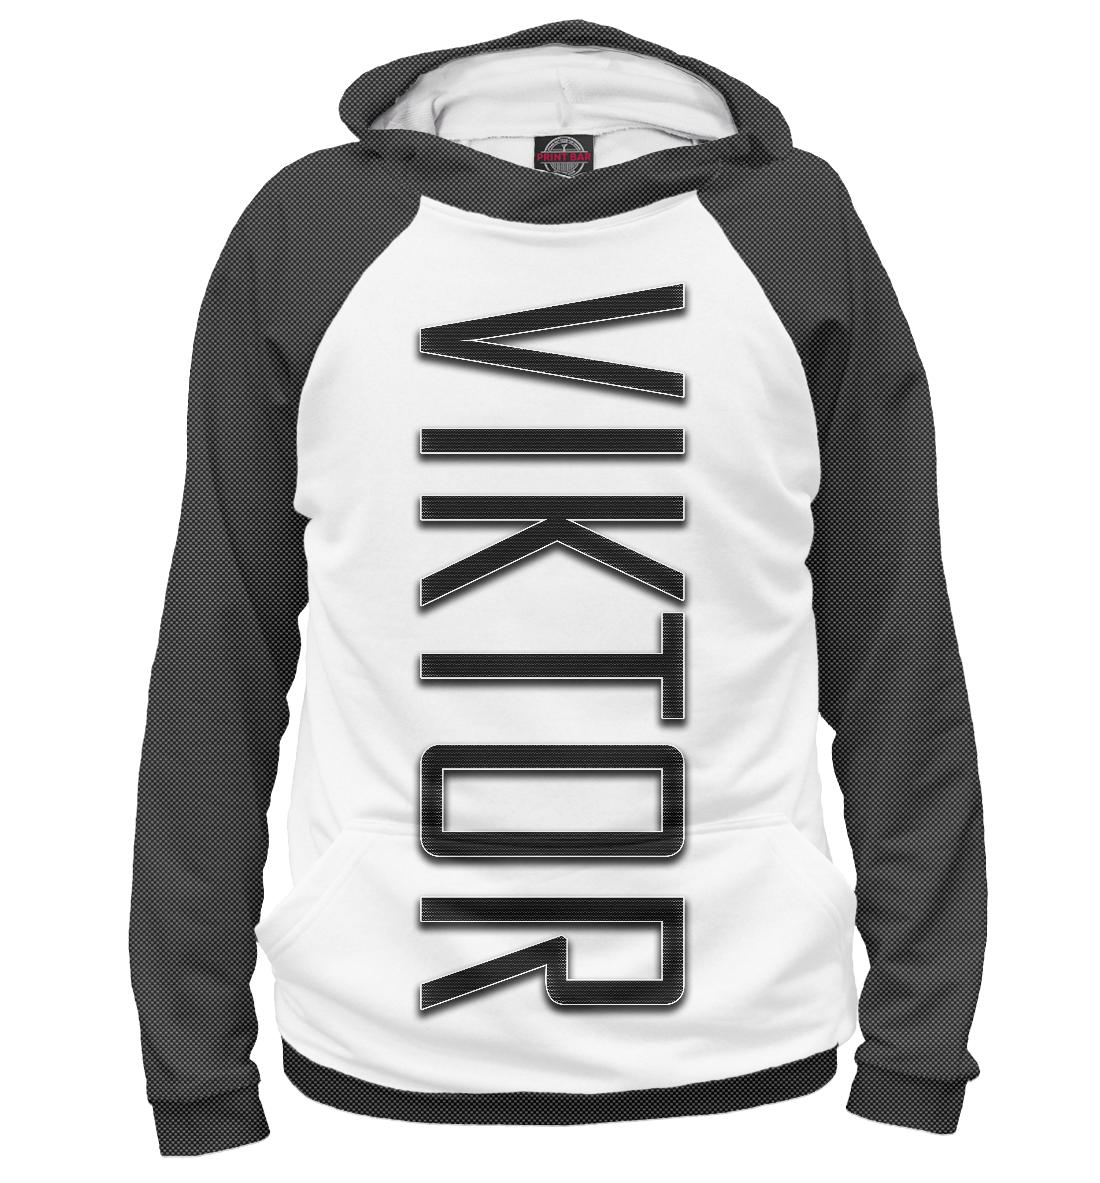 Viktor-carbon, Printbar, Худи, VKT-285698-hud-2  - купить со скидкой